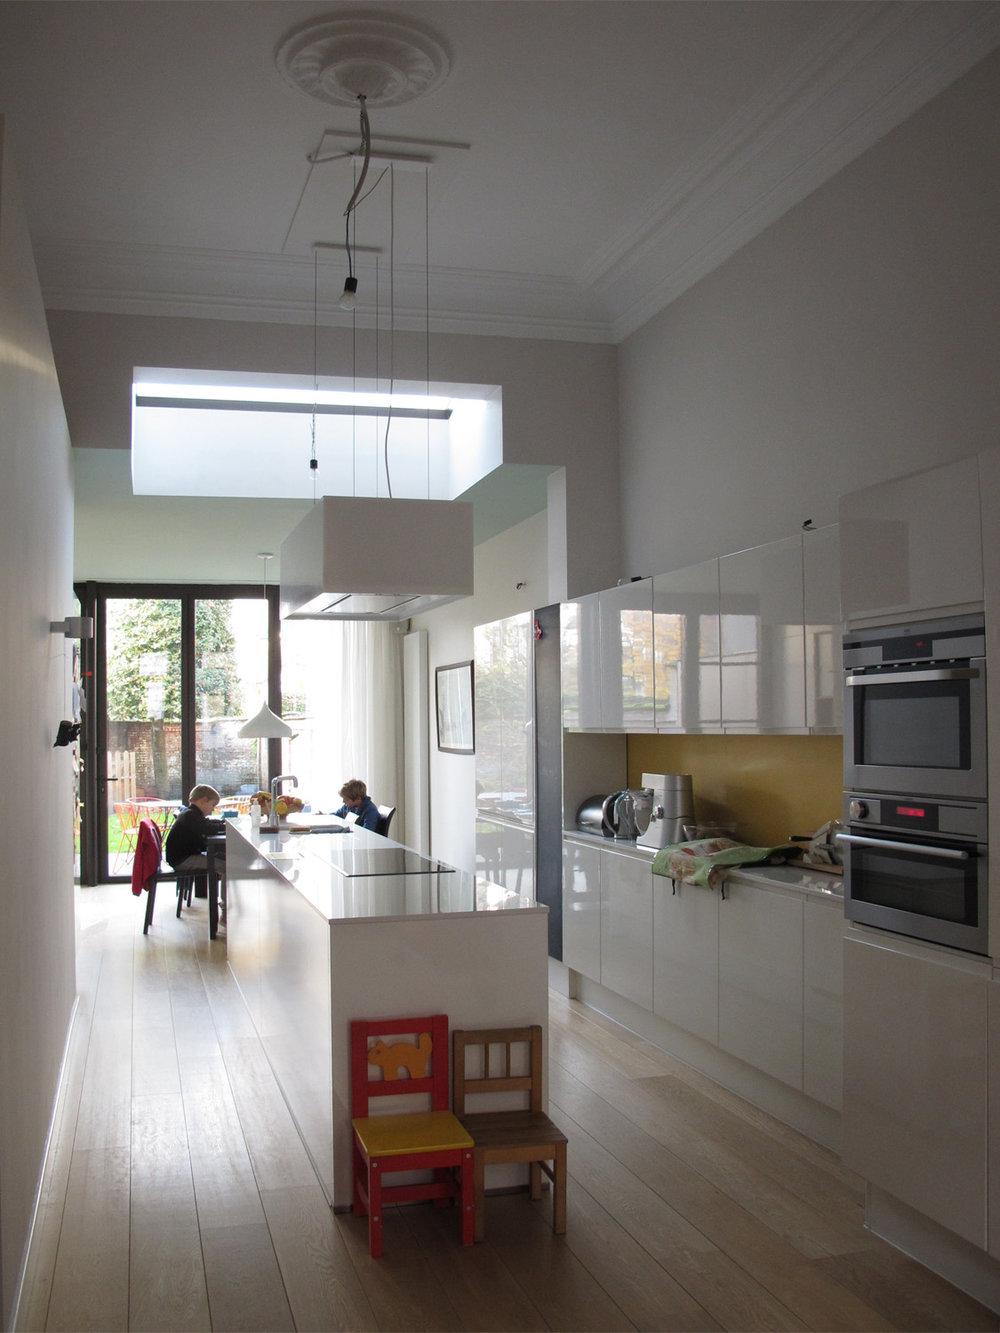 Verbouwing van een herenhuis - Antwerpen